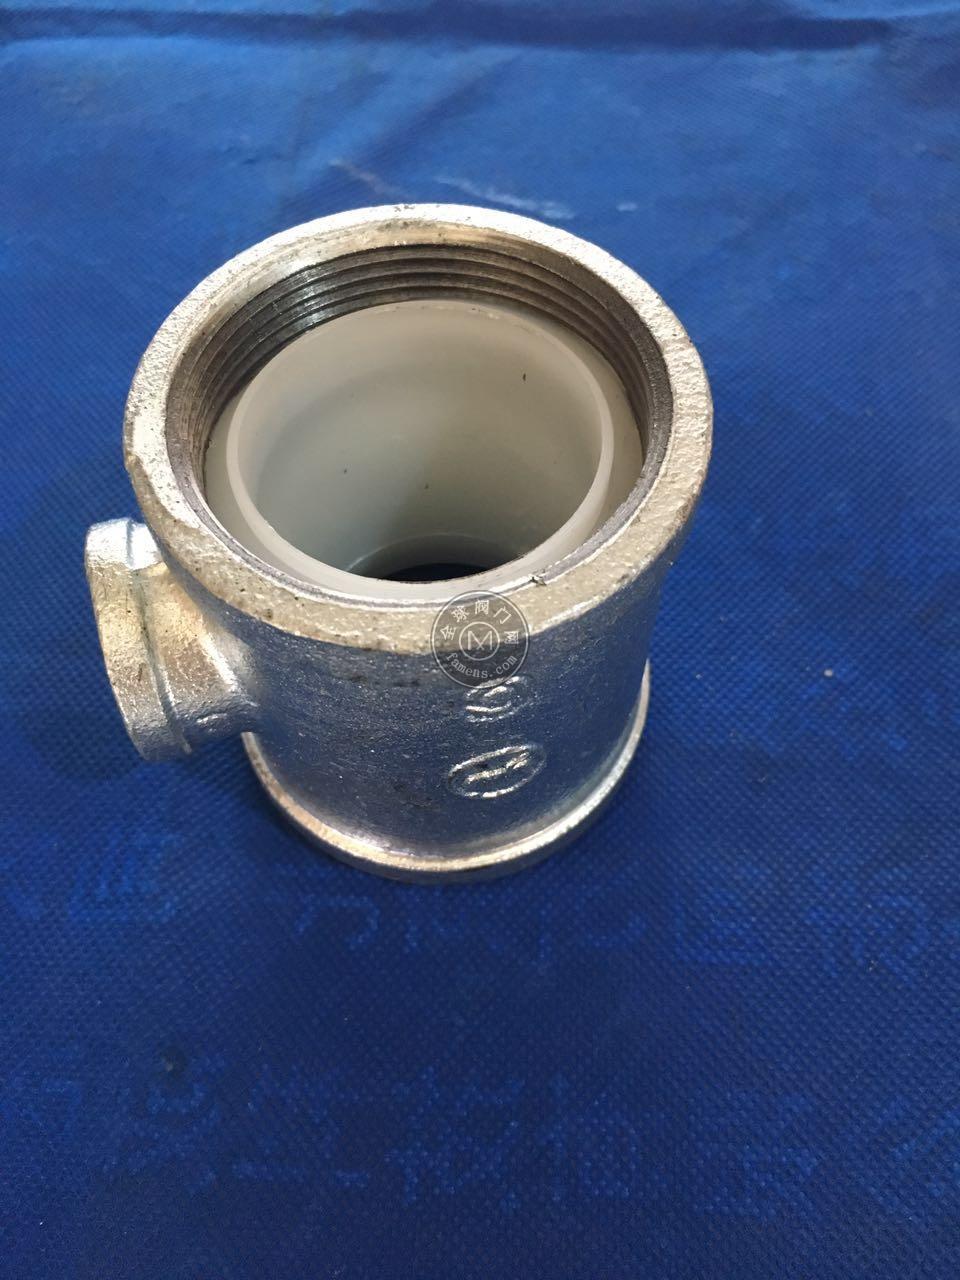 批發襯塑管件 建支熱鍍鋅內襯PPR管件 飲用水專用